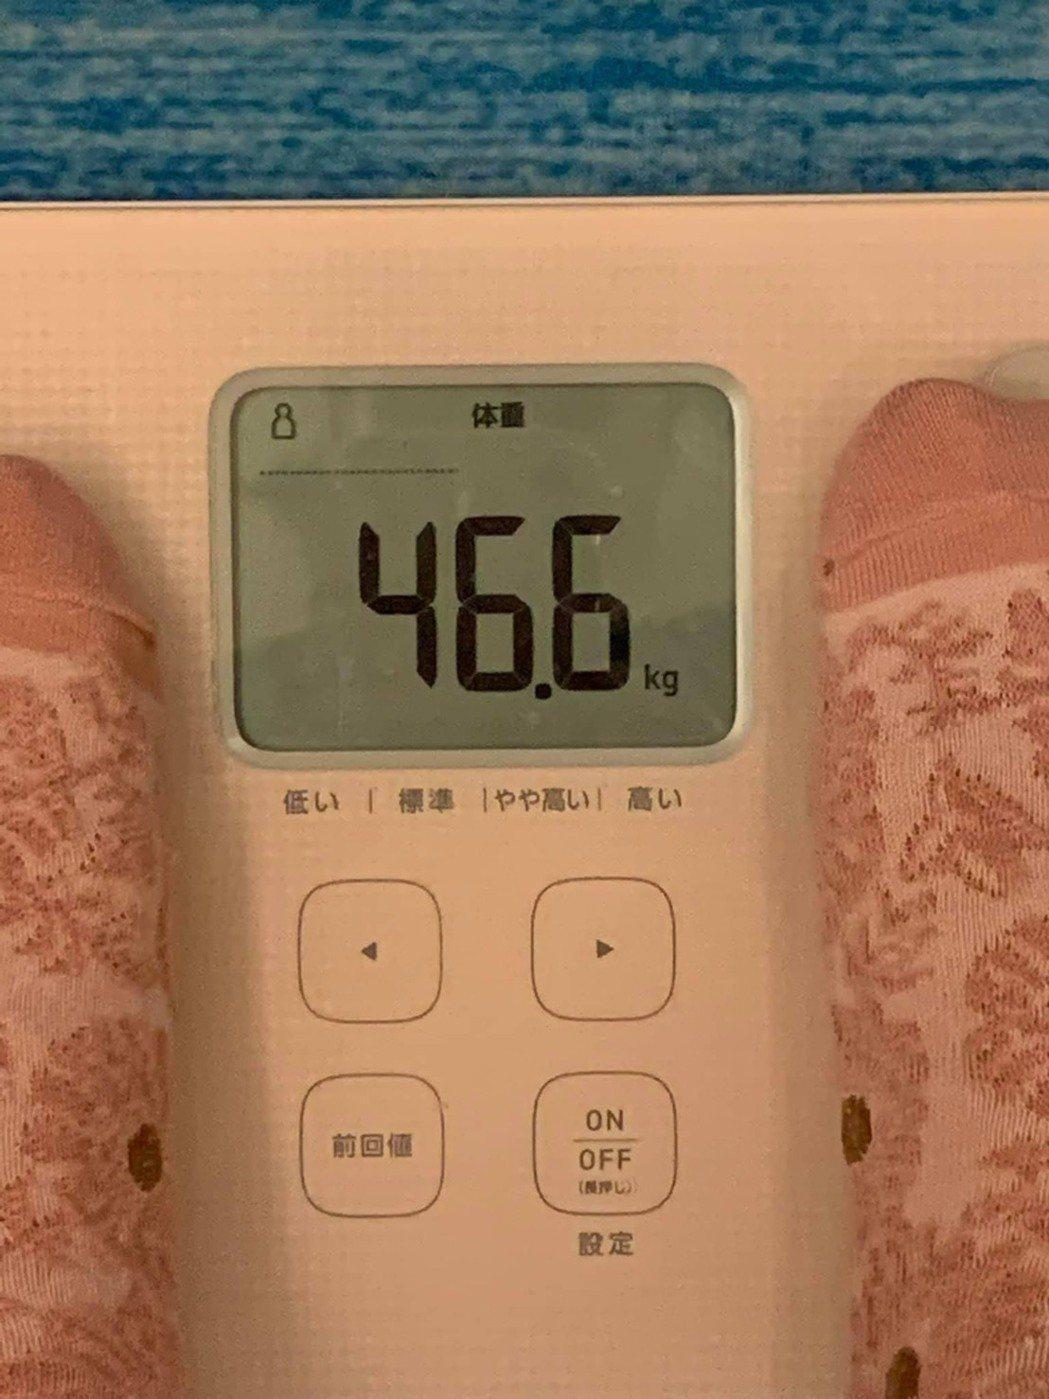 賴琳恩公布最新體重,防疫期間不胖反瘦3公斤。圖/摘自臉書